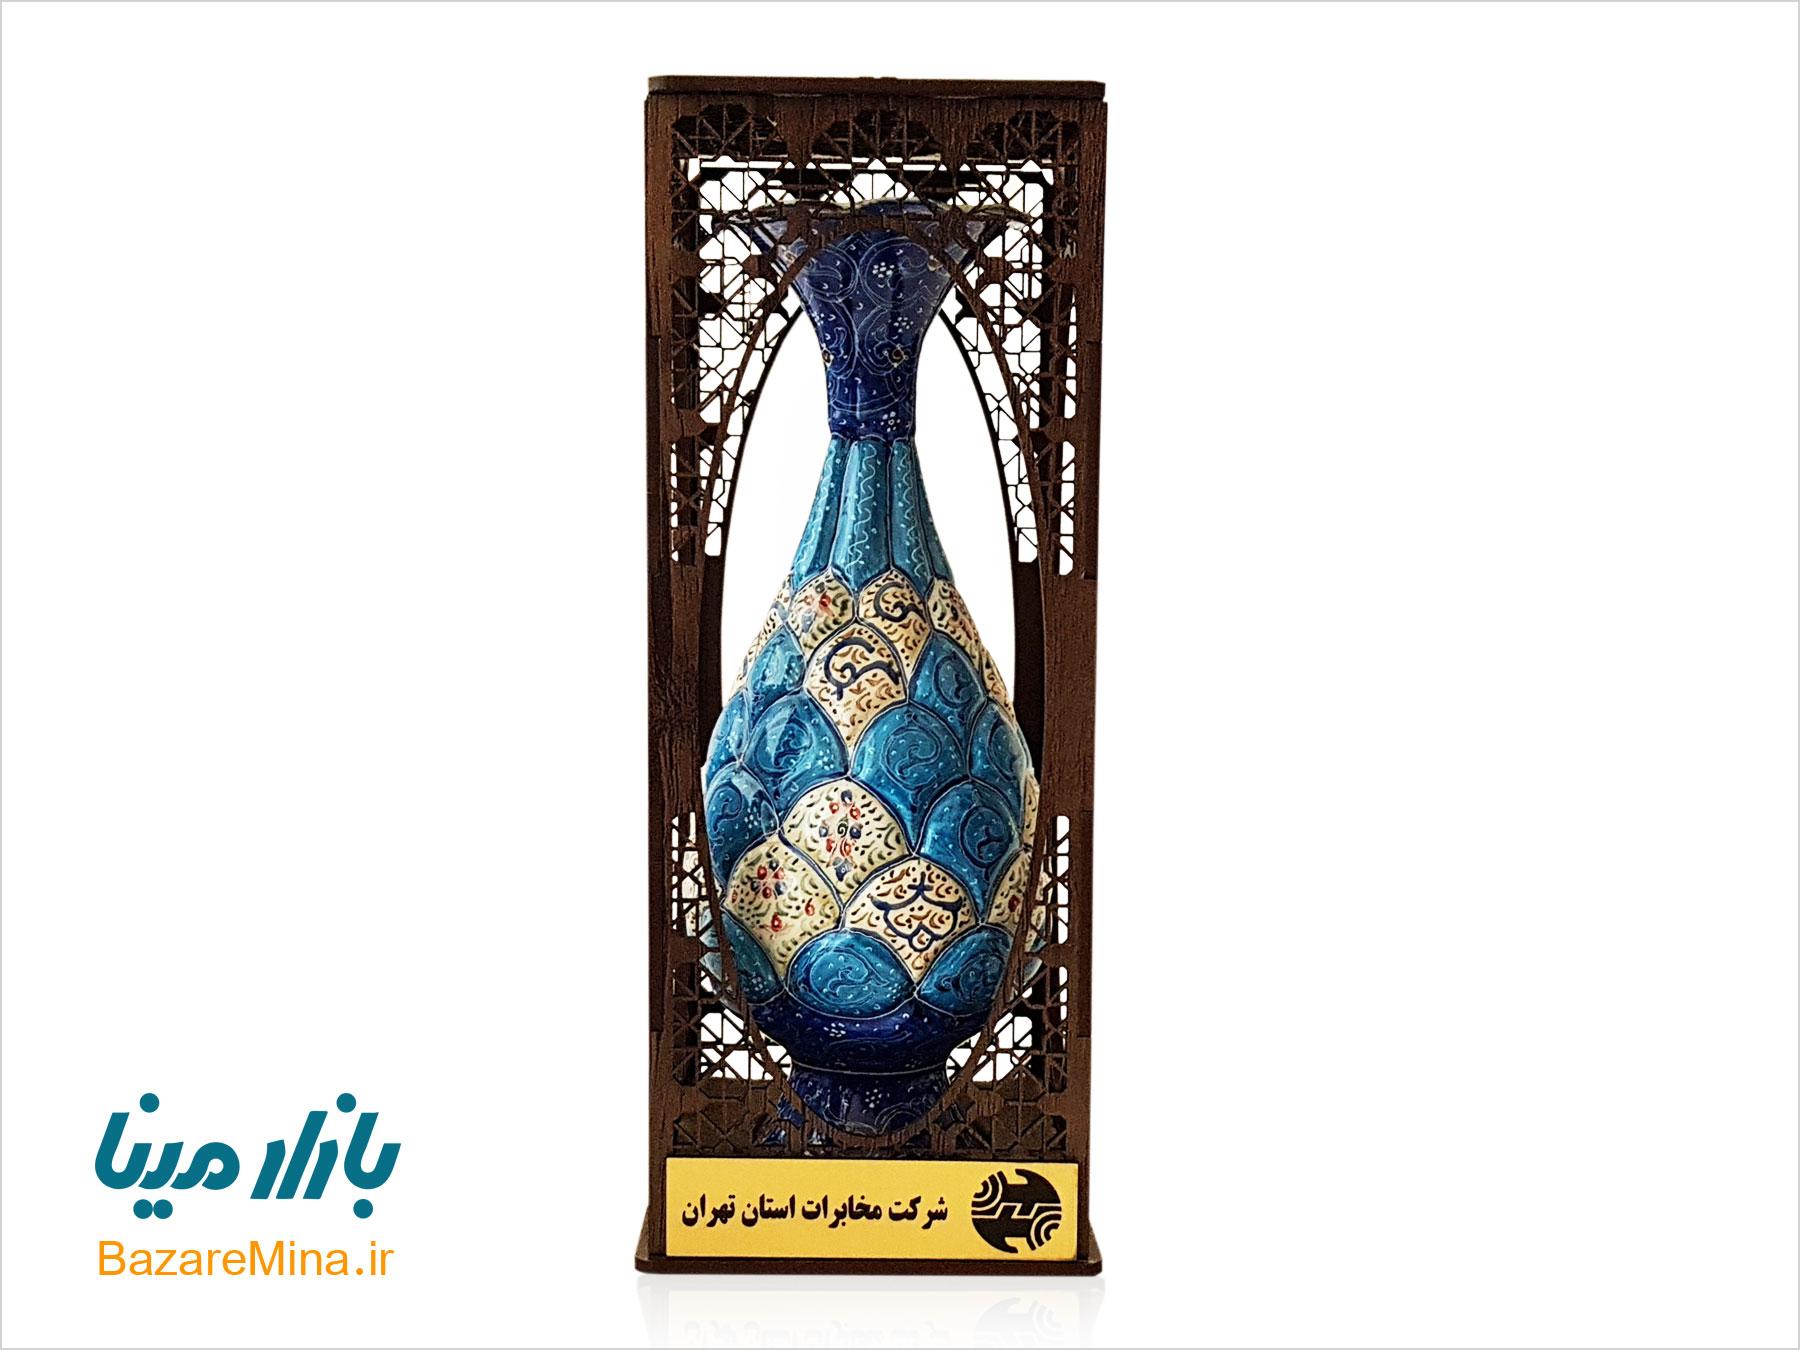 هدایای تبلیغاتی گلدان میناکاری جعبه مشبک